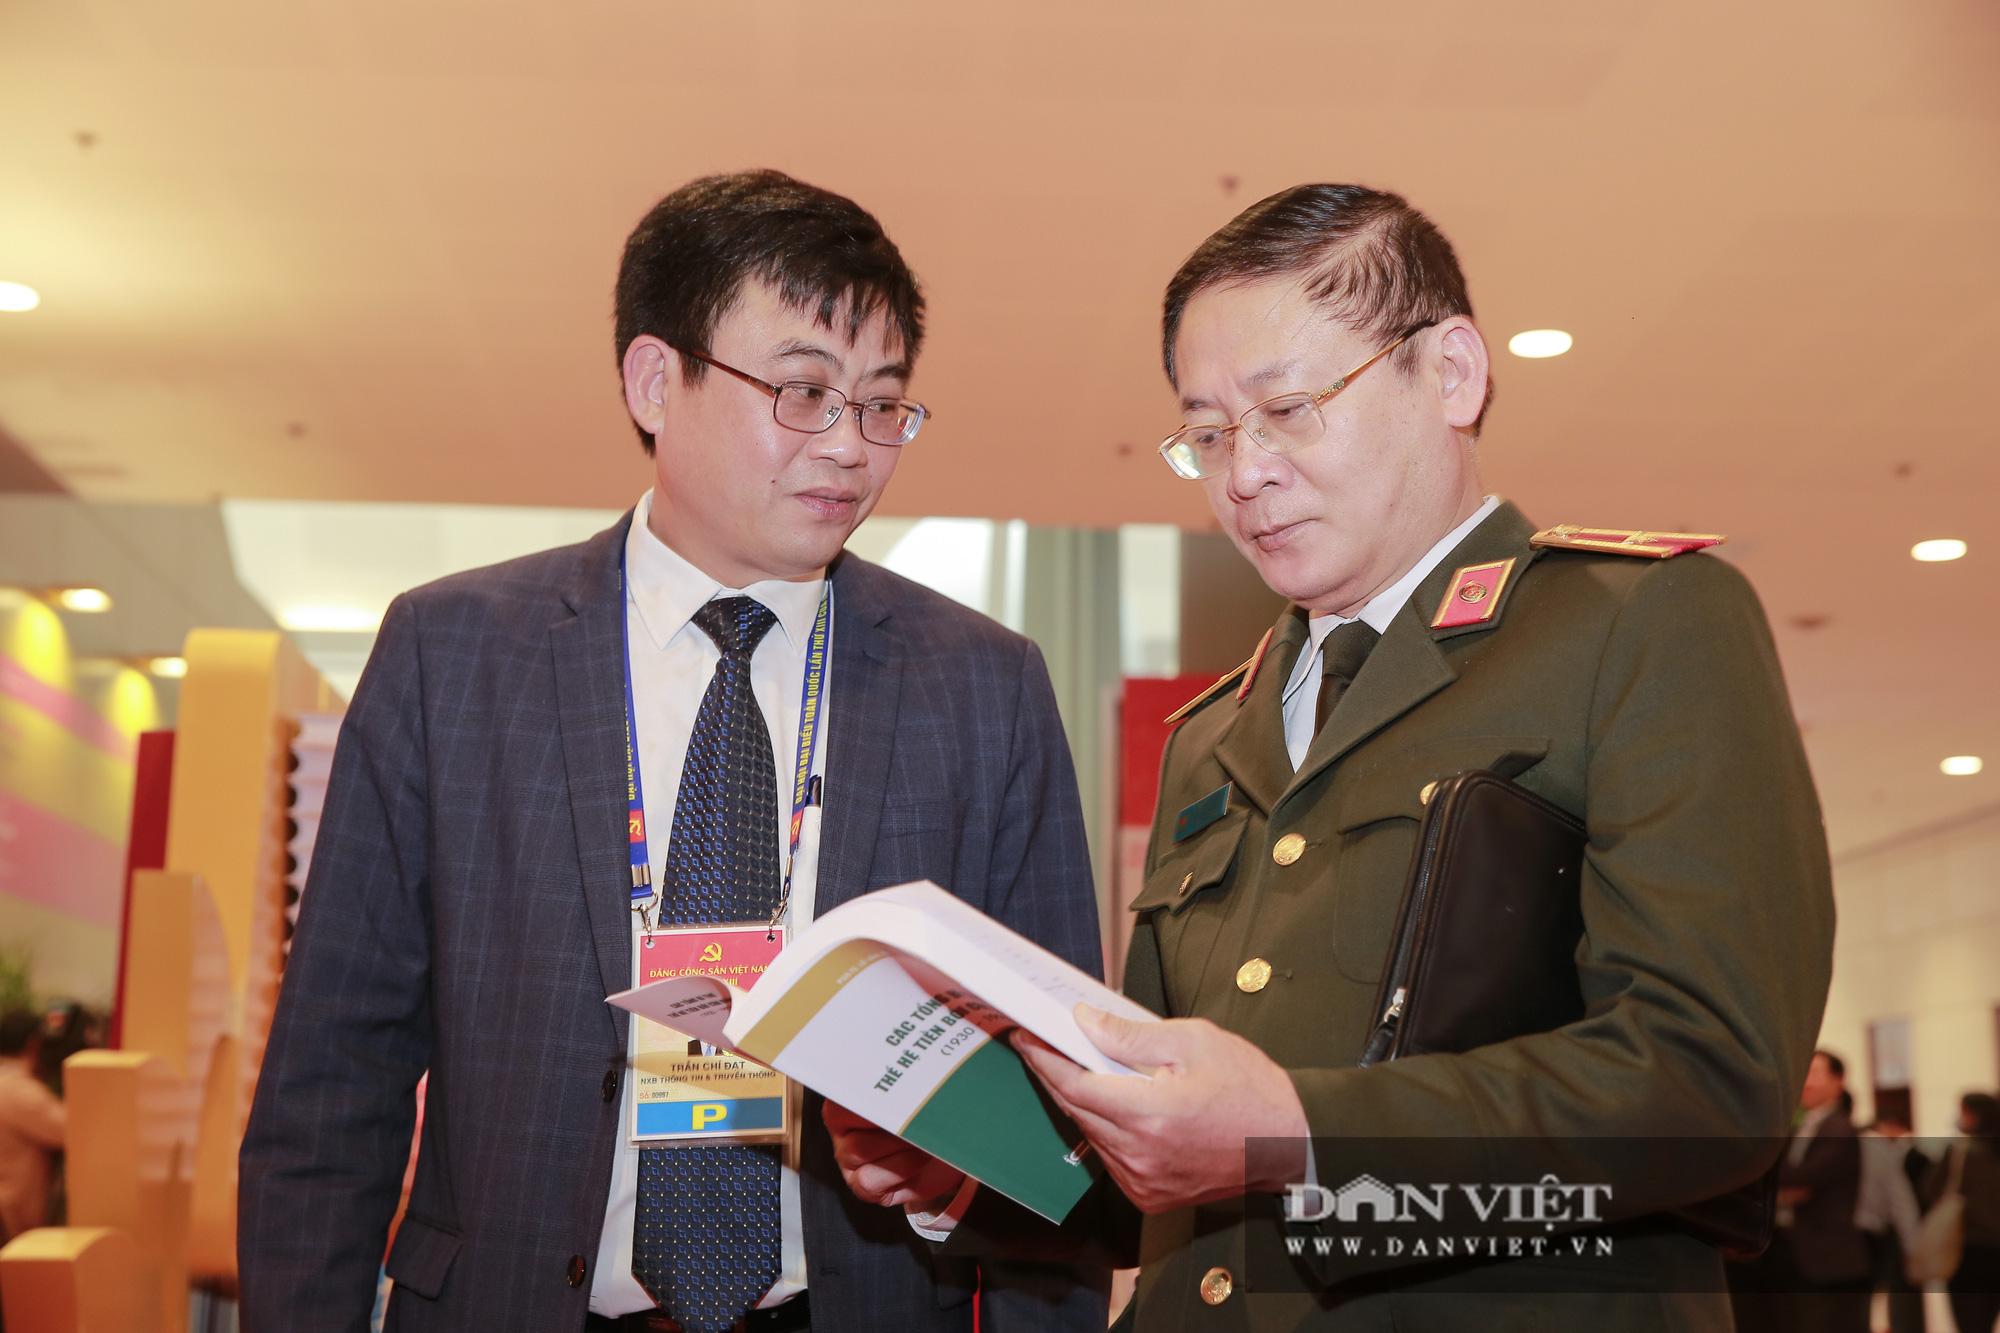 Khai trương trung tâm báo chí phục vụ Đại hội XIII của Đảng - Ảnh 9.